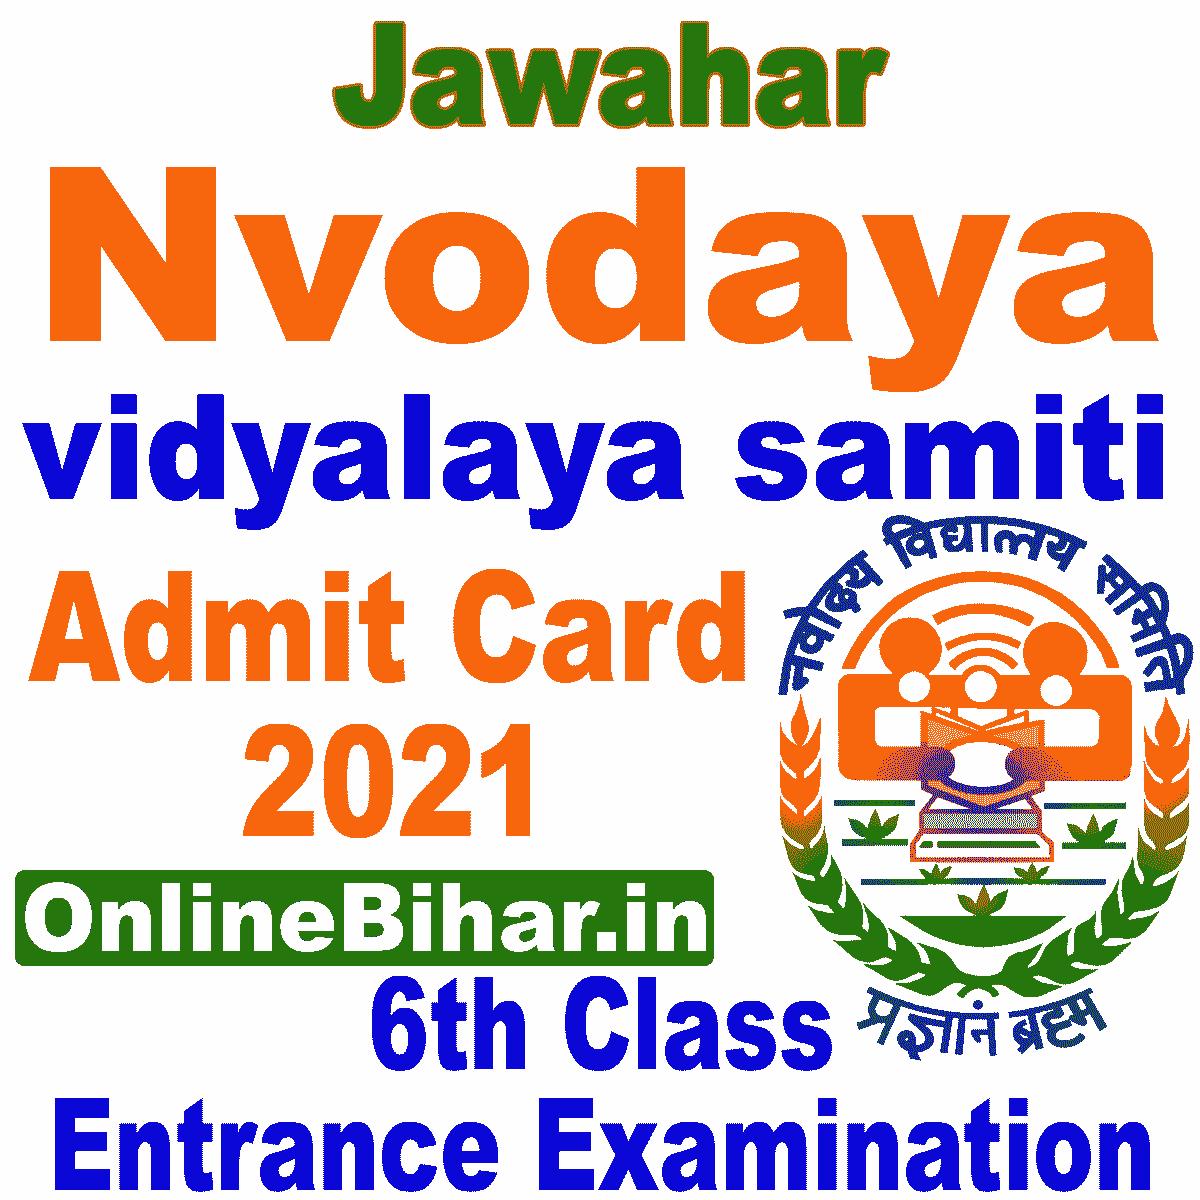 Jawahar Navodaya vidyalaya samiti admit card